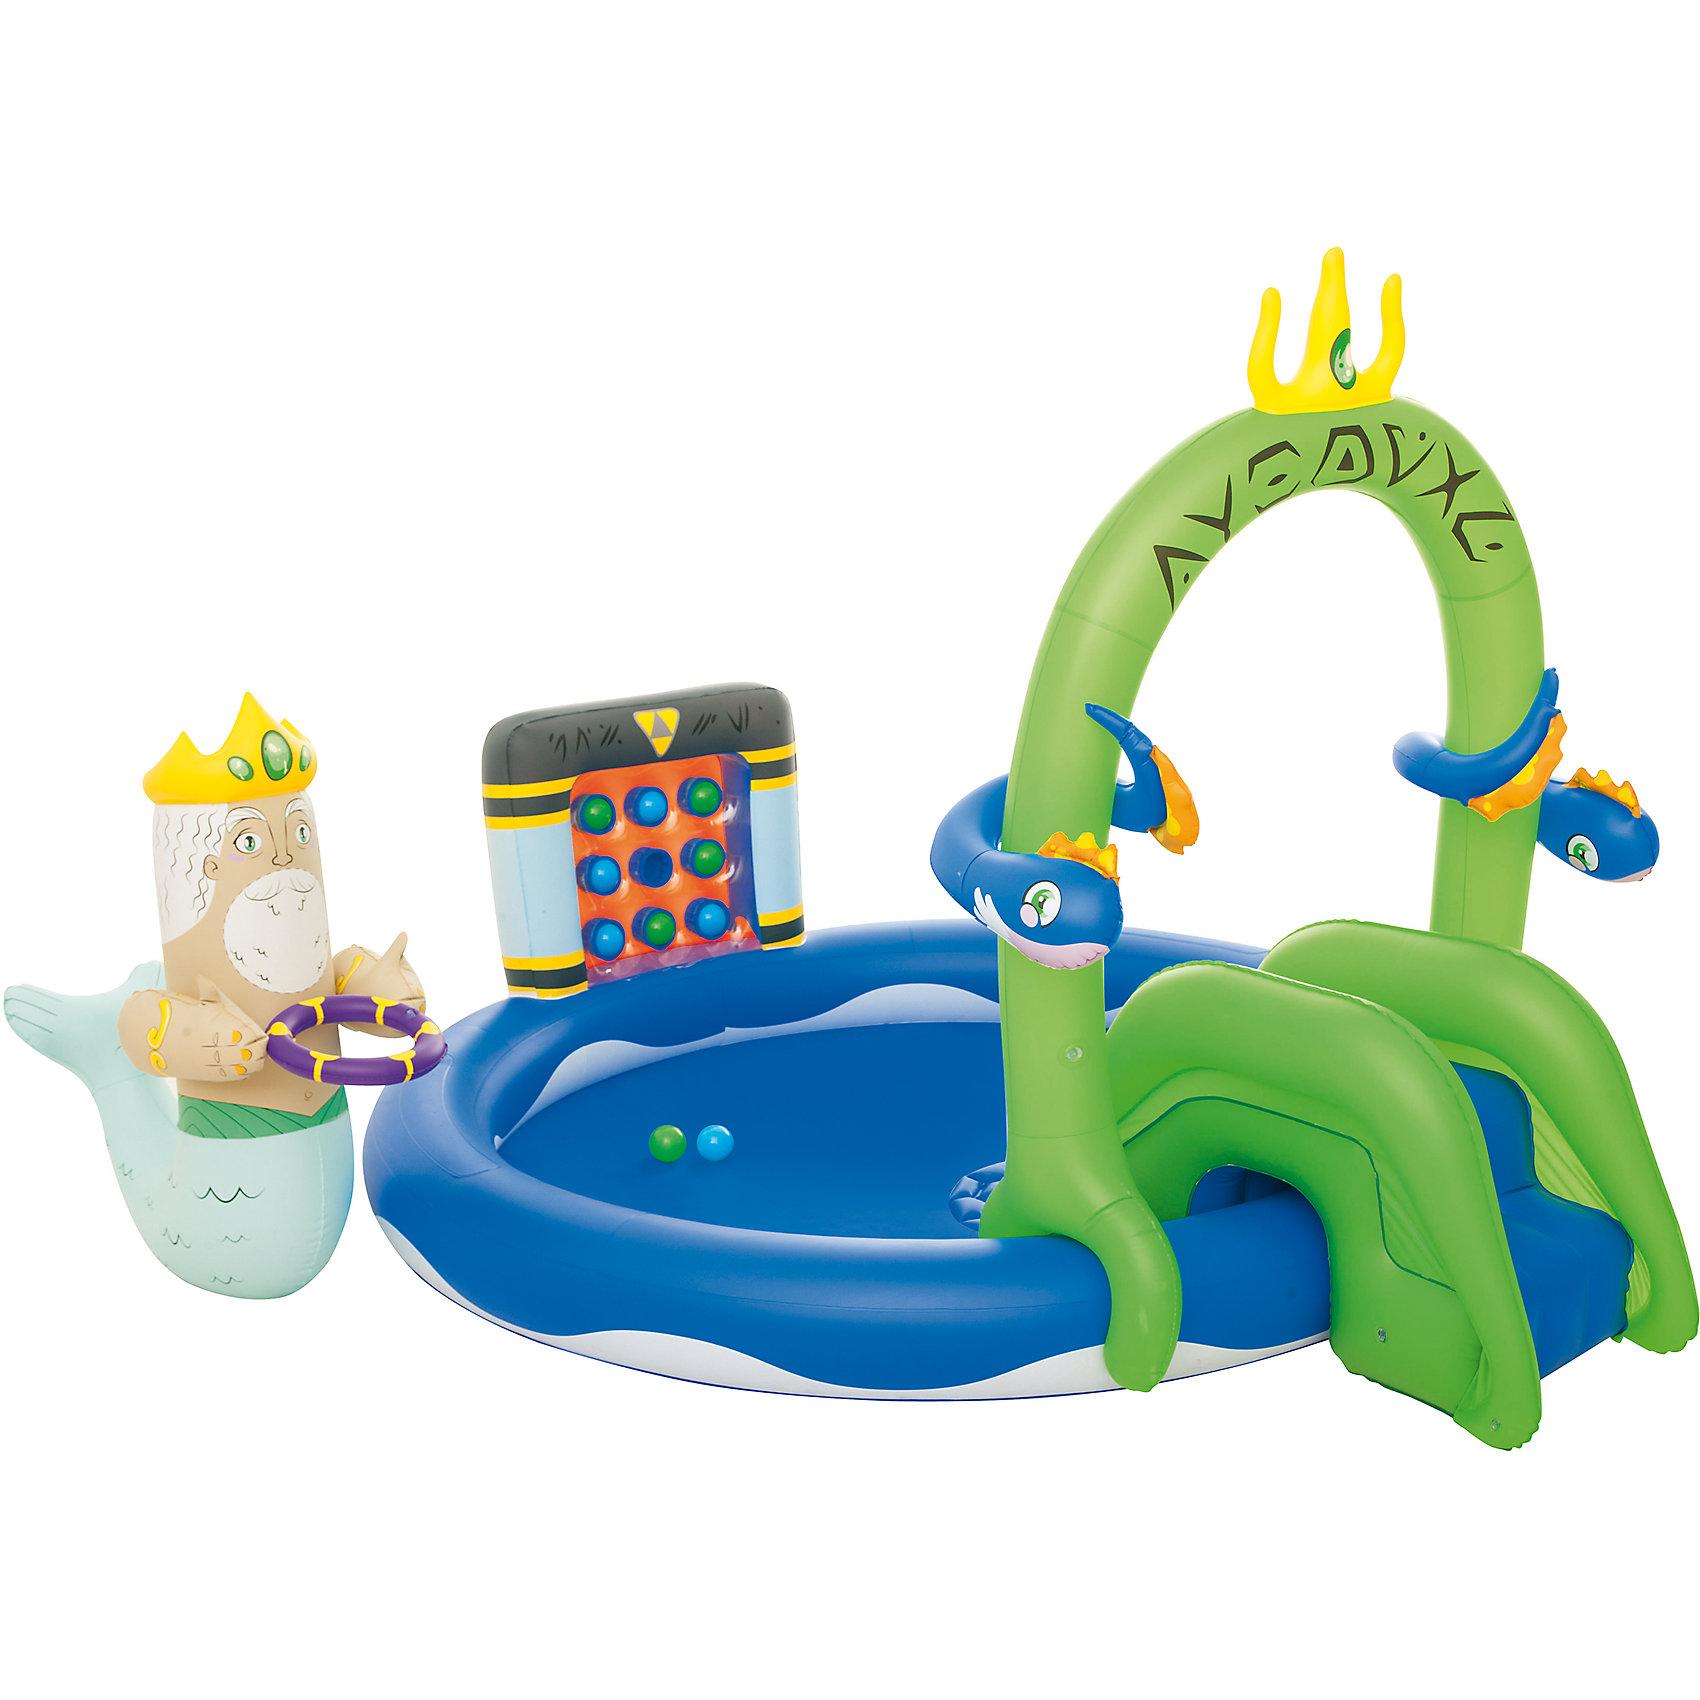 Bestway Игровой бассейн с принадлежностями для игр, Bestway